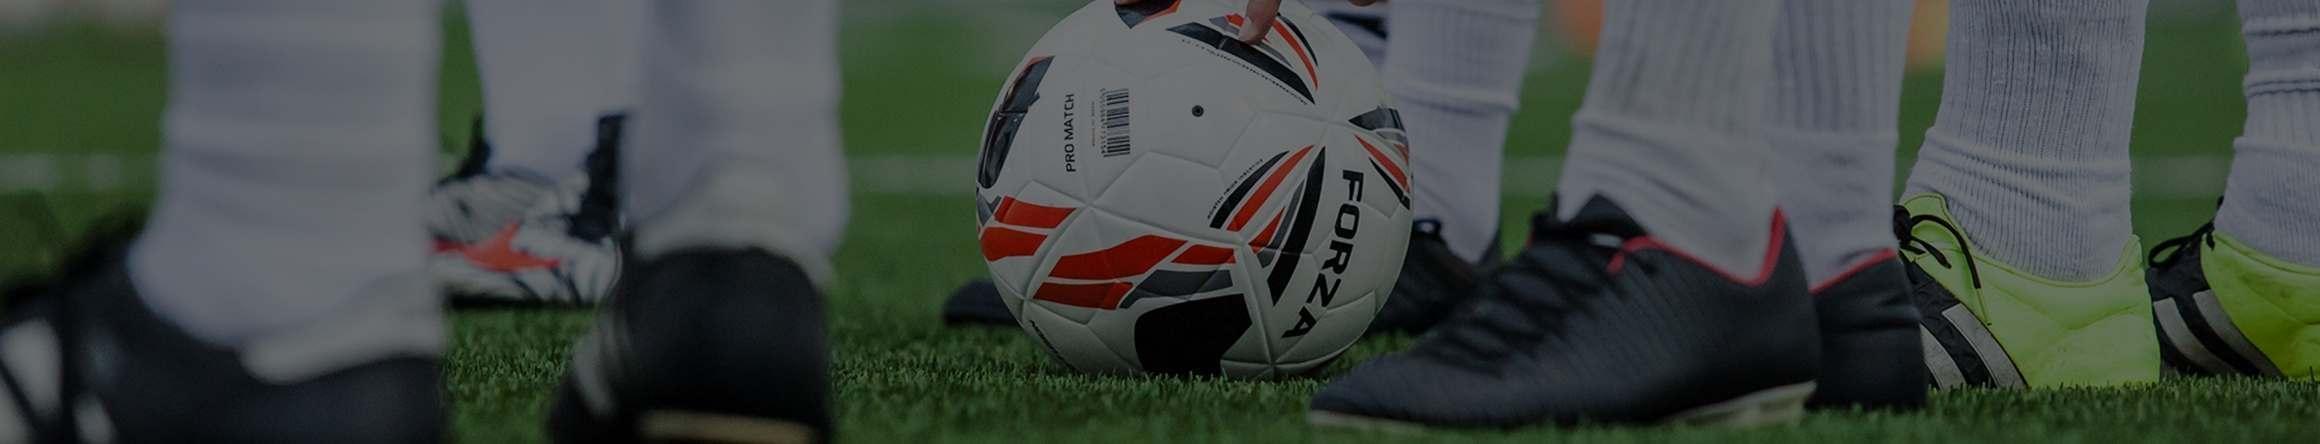 Fotbollsutrustning- Från bollar till mål